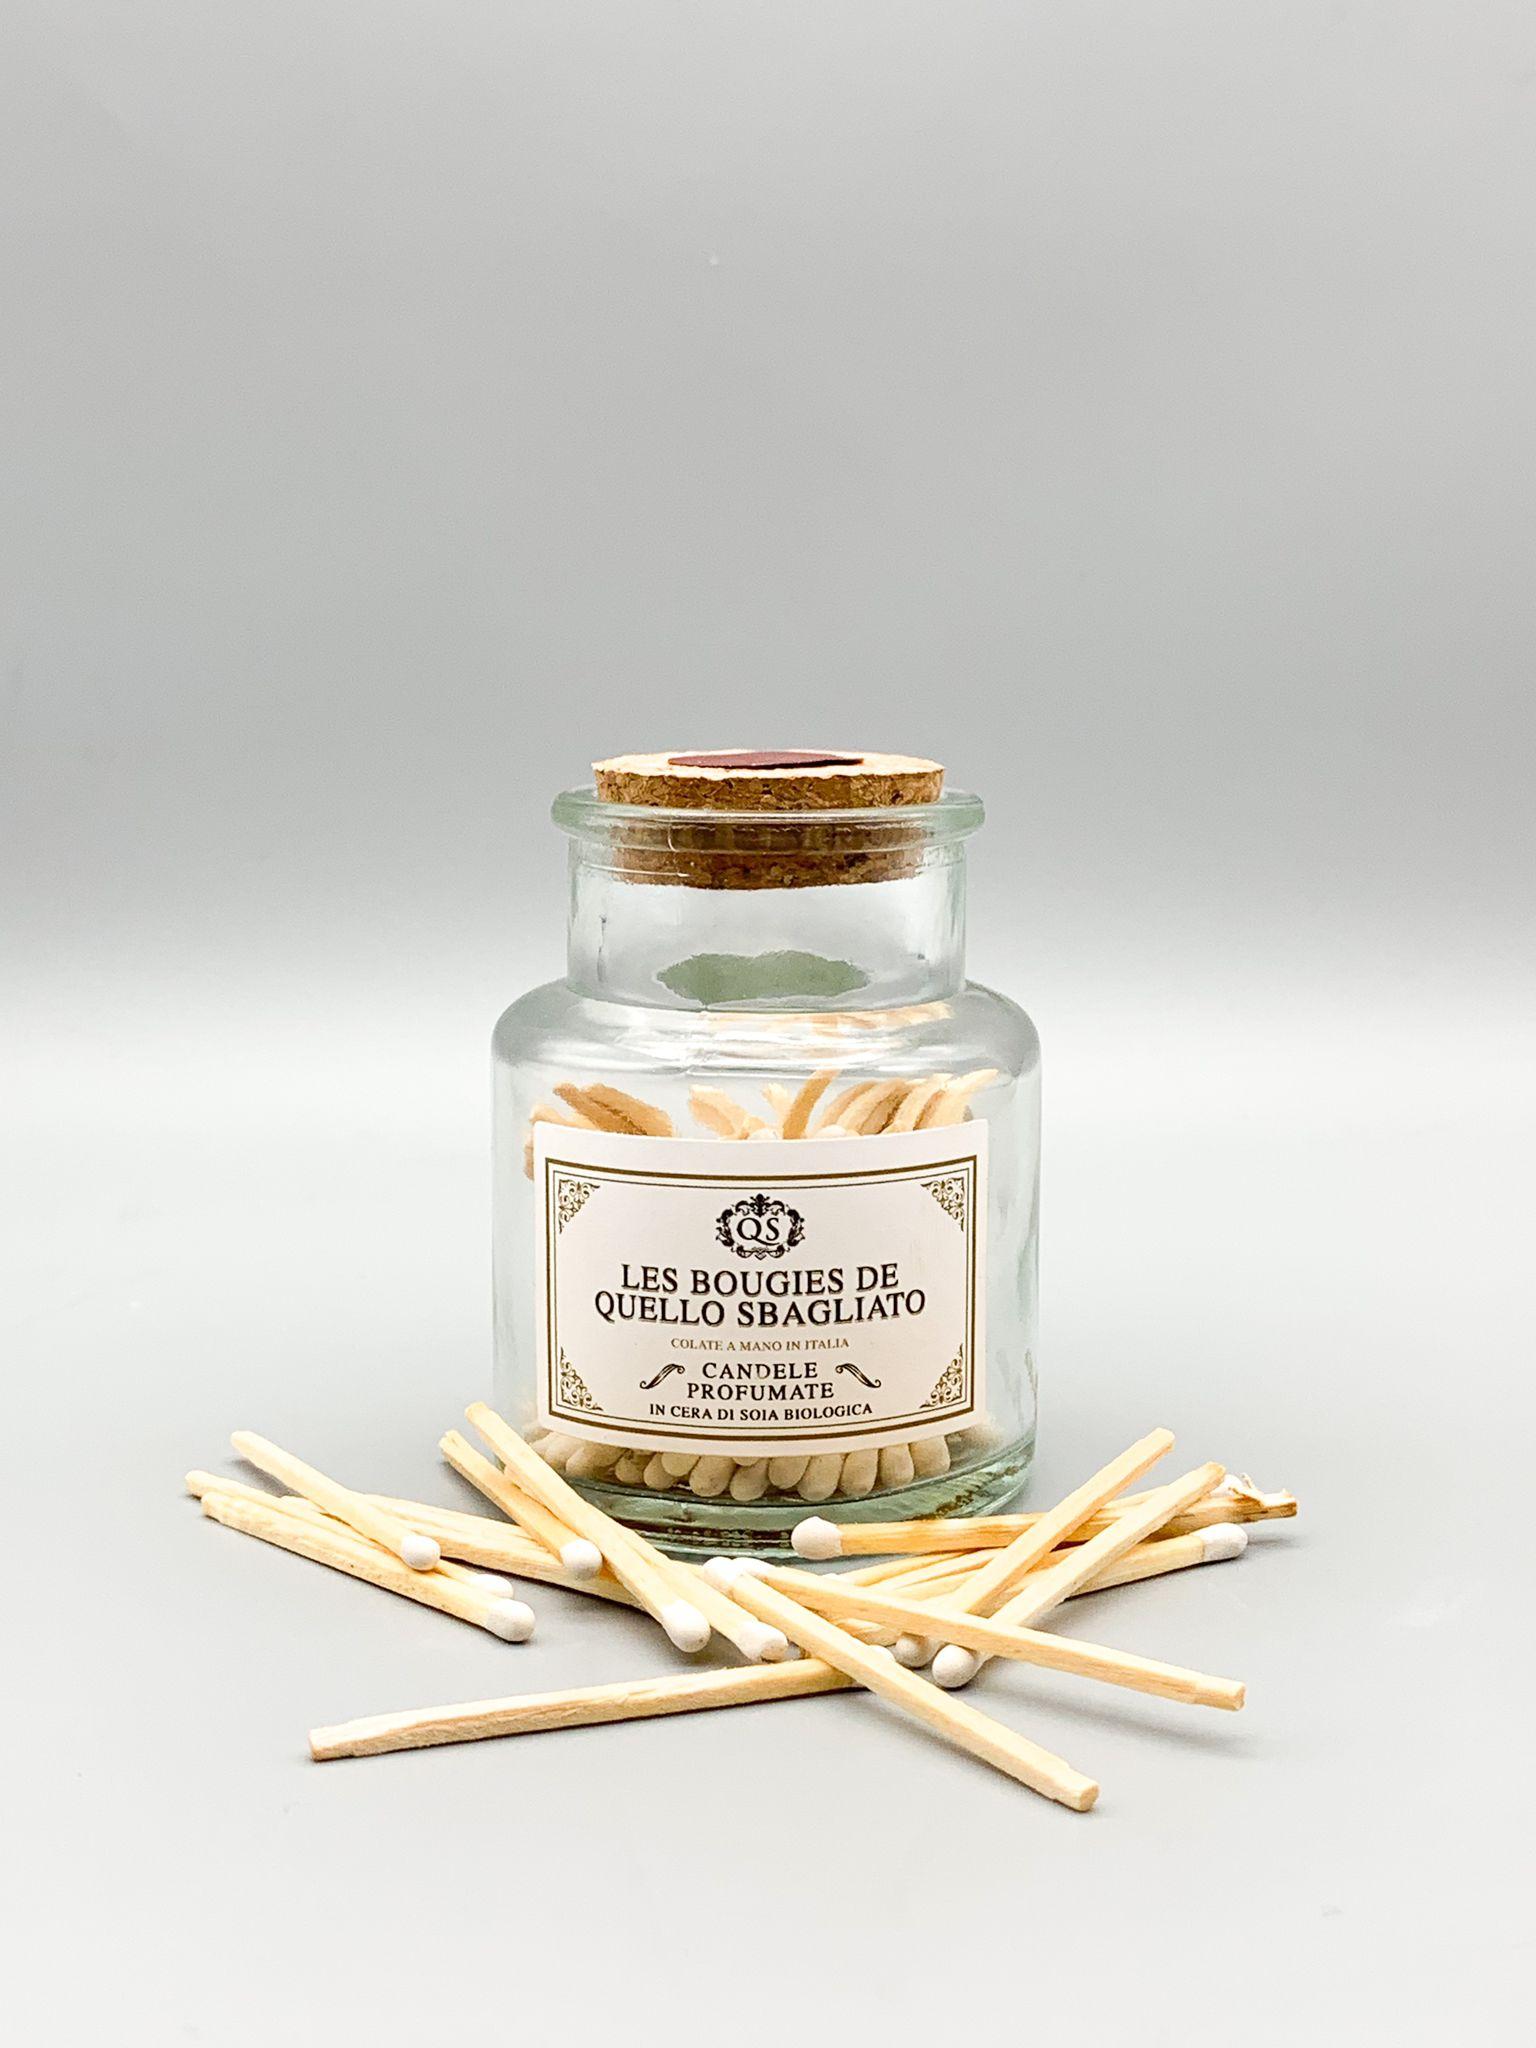 fiammiferi matches per accensione candele in cera di soia biologica